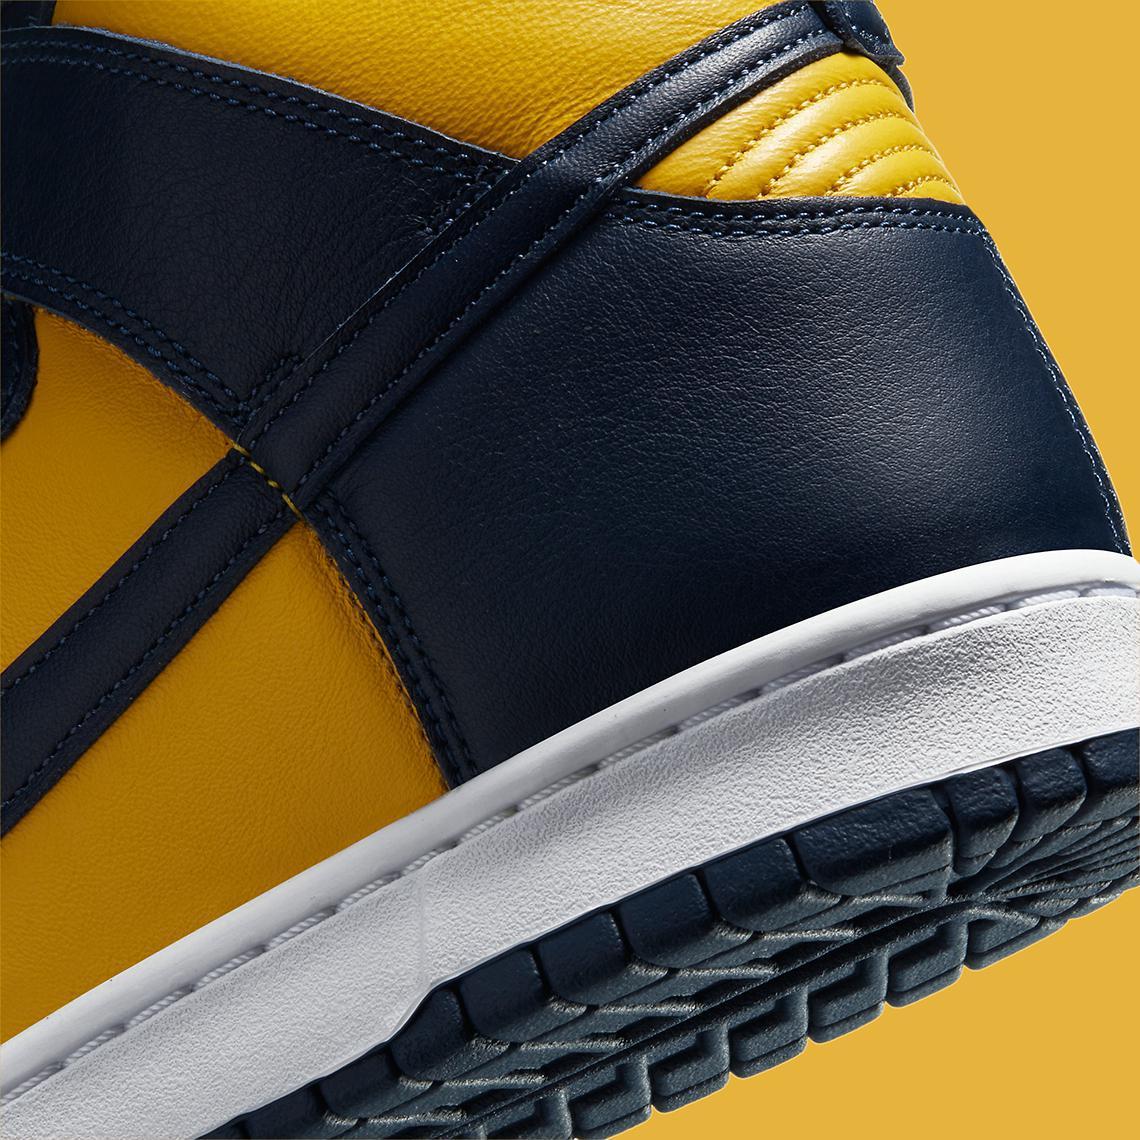 Images officielles de la Nike Dunk High SP Michigan